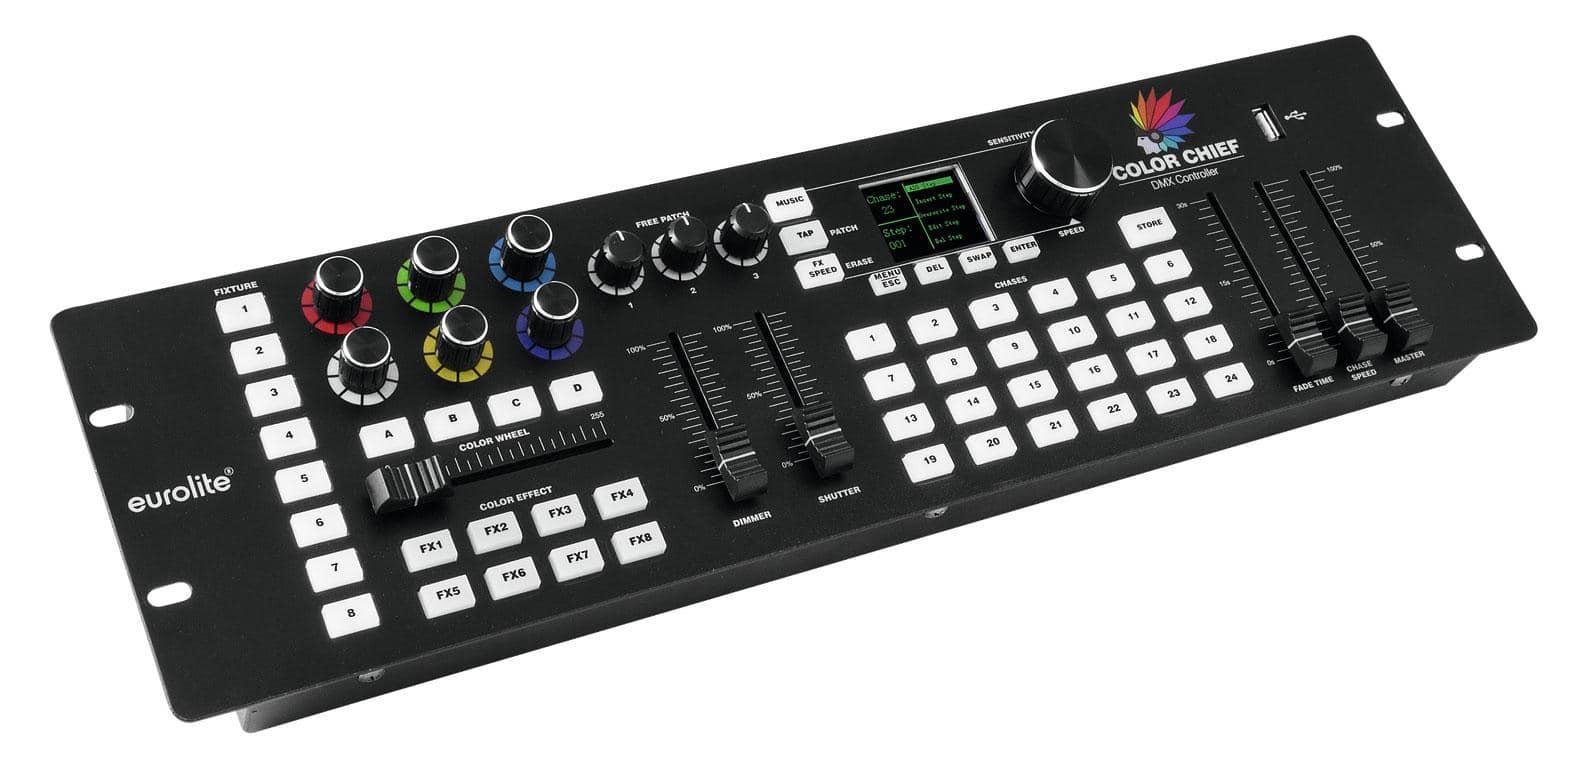 Lichtsteuerung - Eurolite DMX LED Color Chief Controller - Onlineshop Musikhaus Kirstein